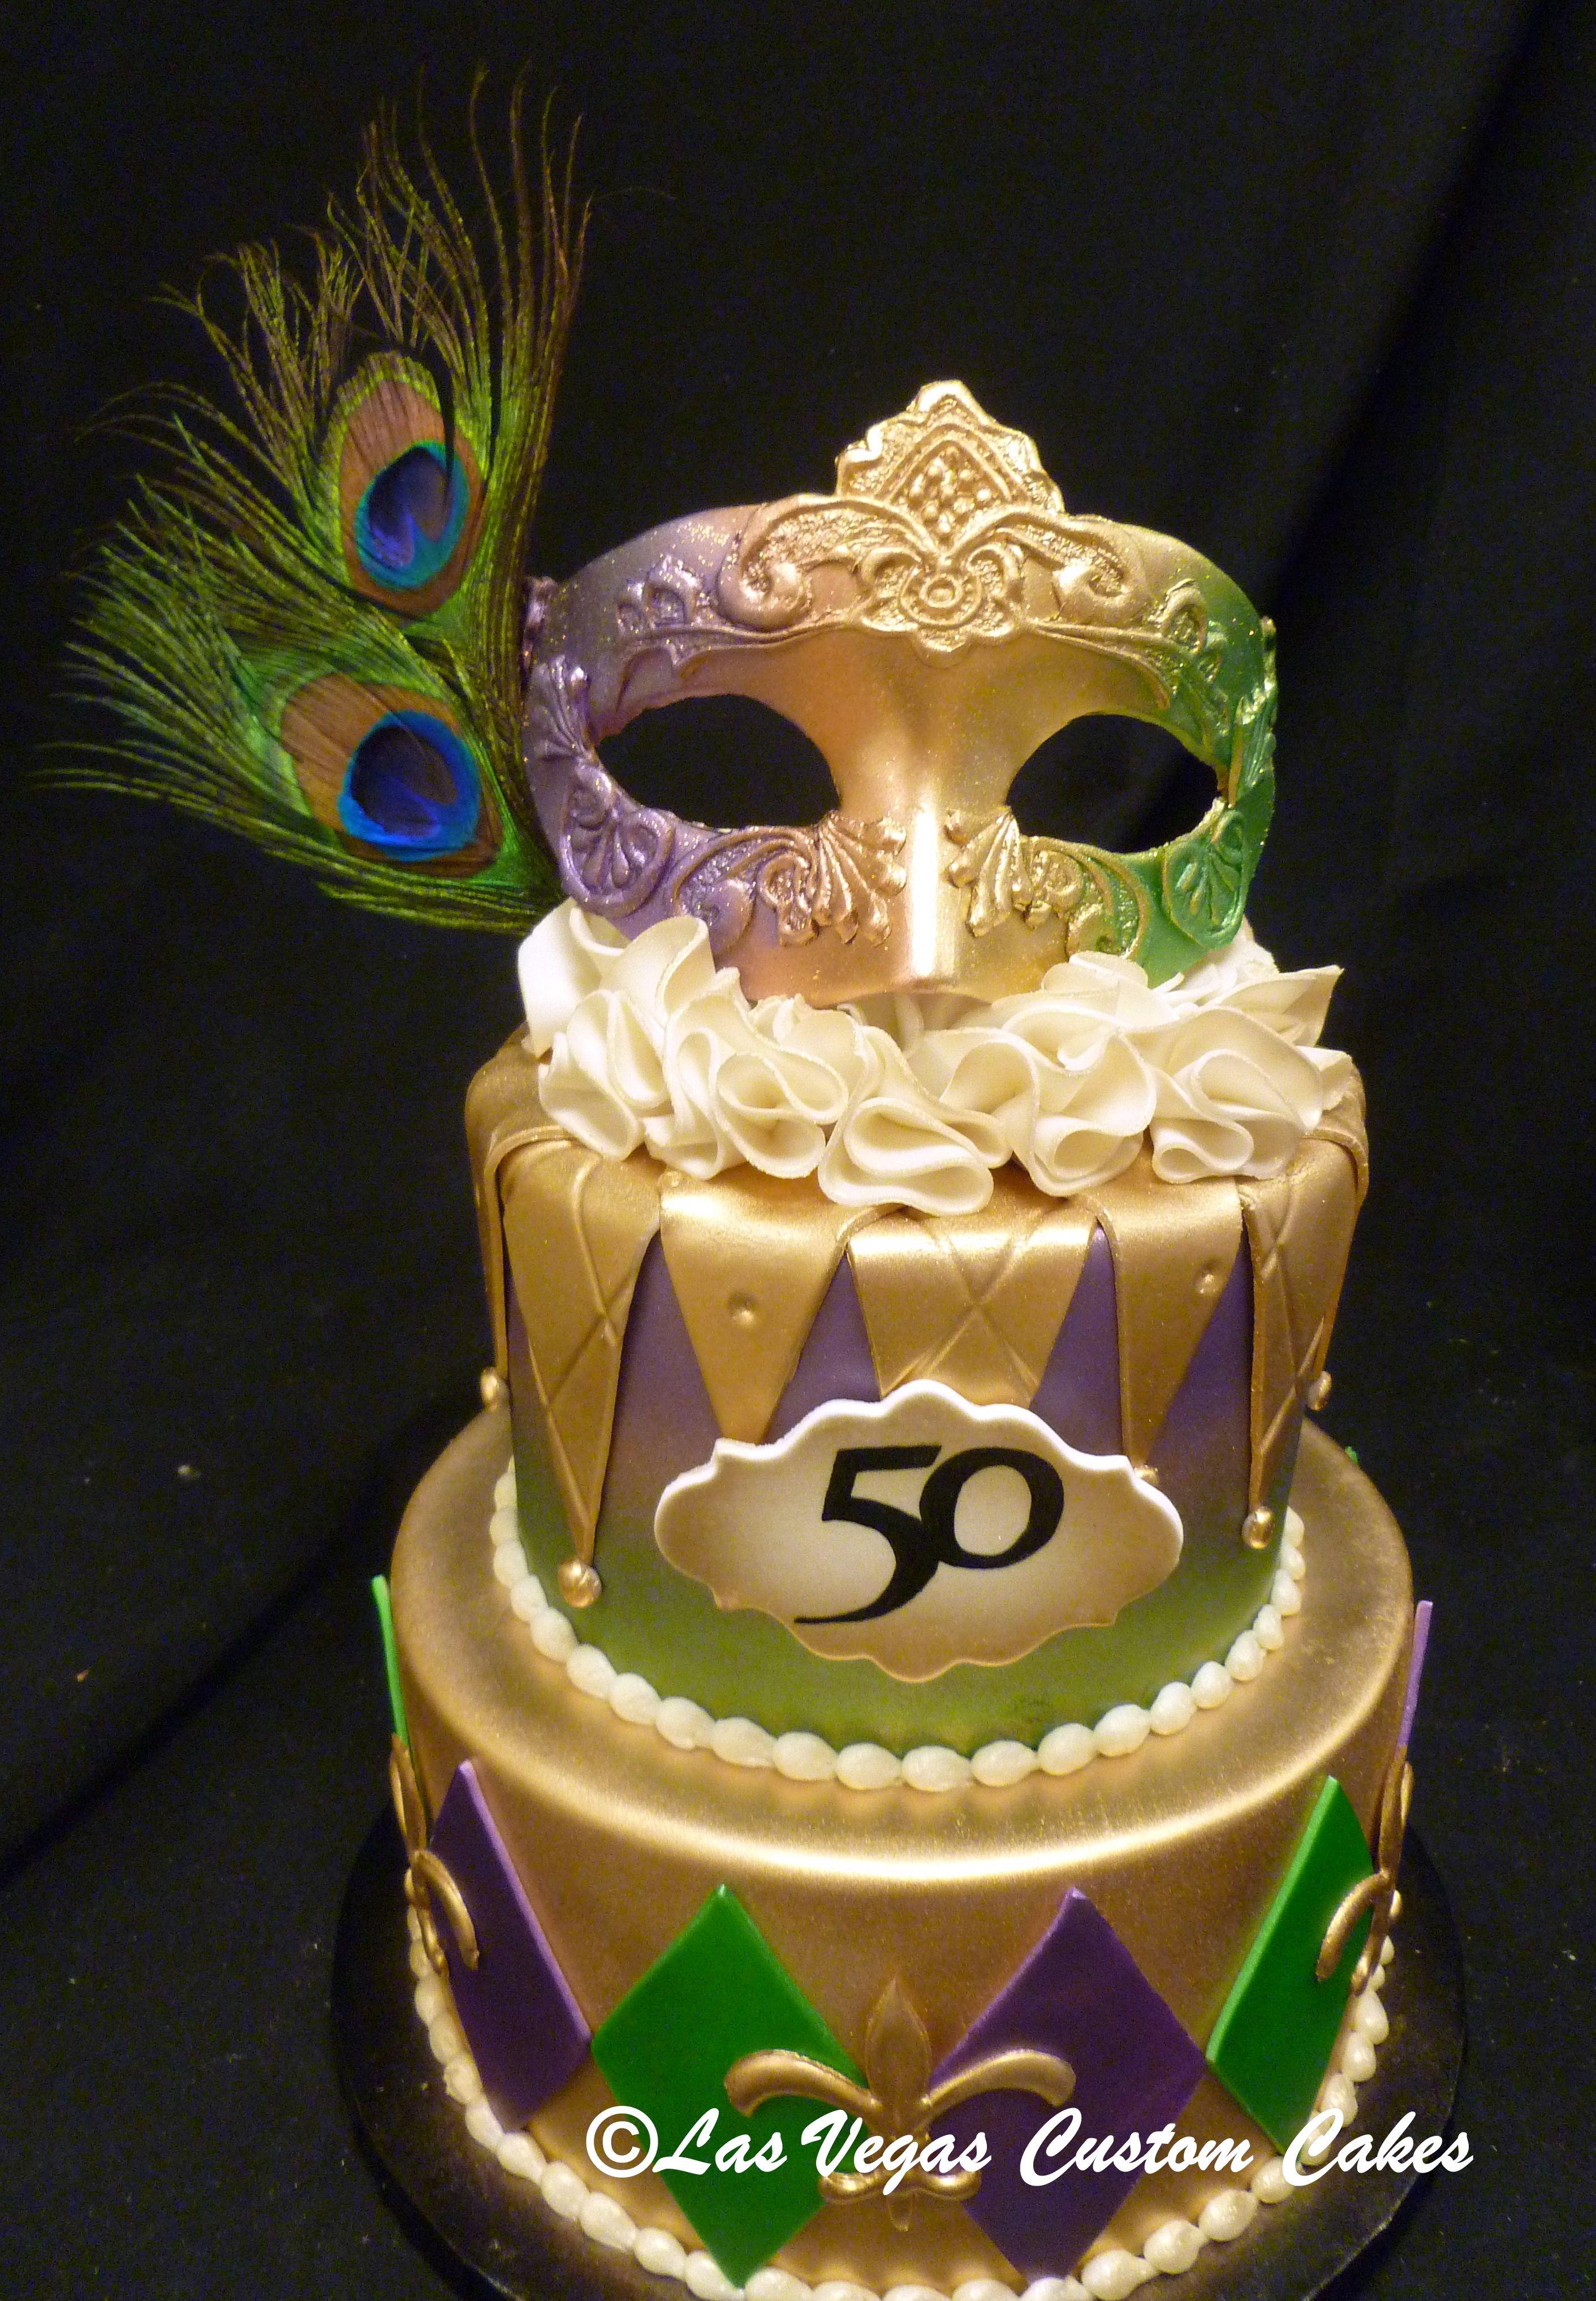 Mardi Gras Themed Birthday Cake Made By Las Vegas Custom Cakes